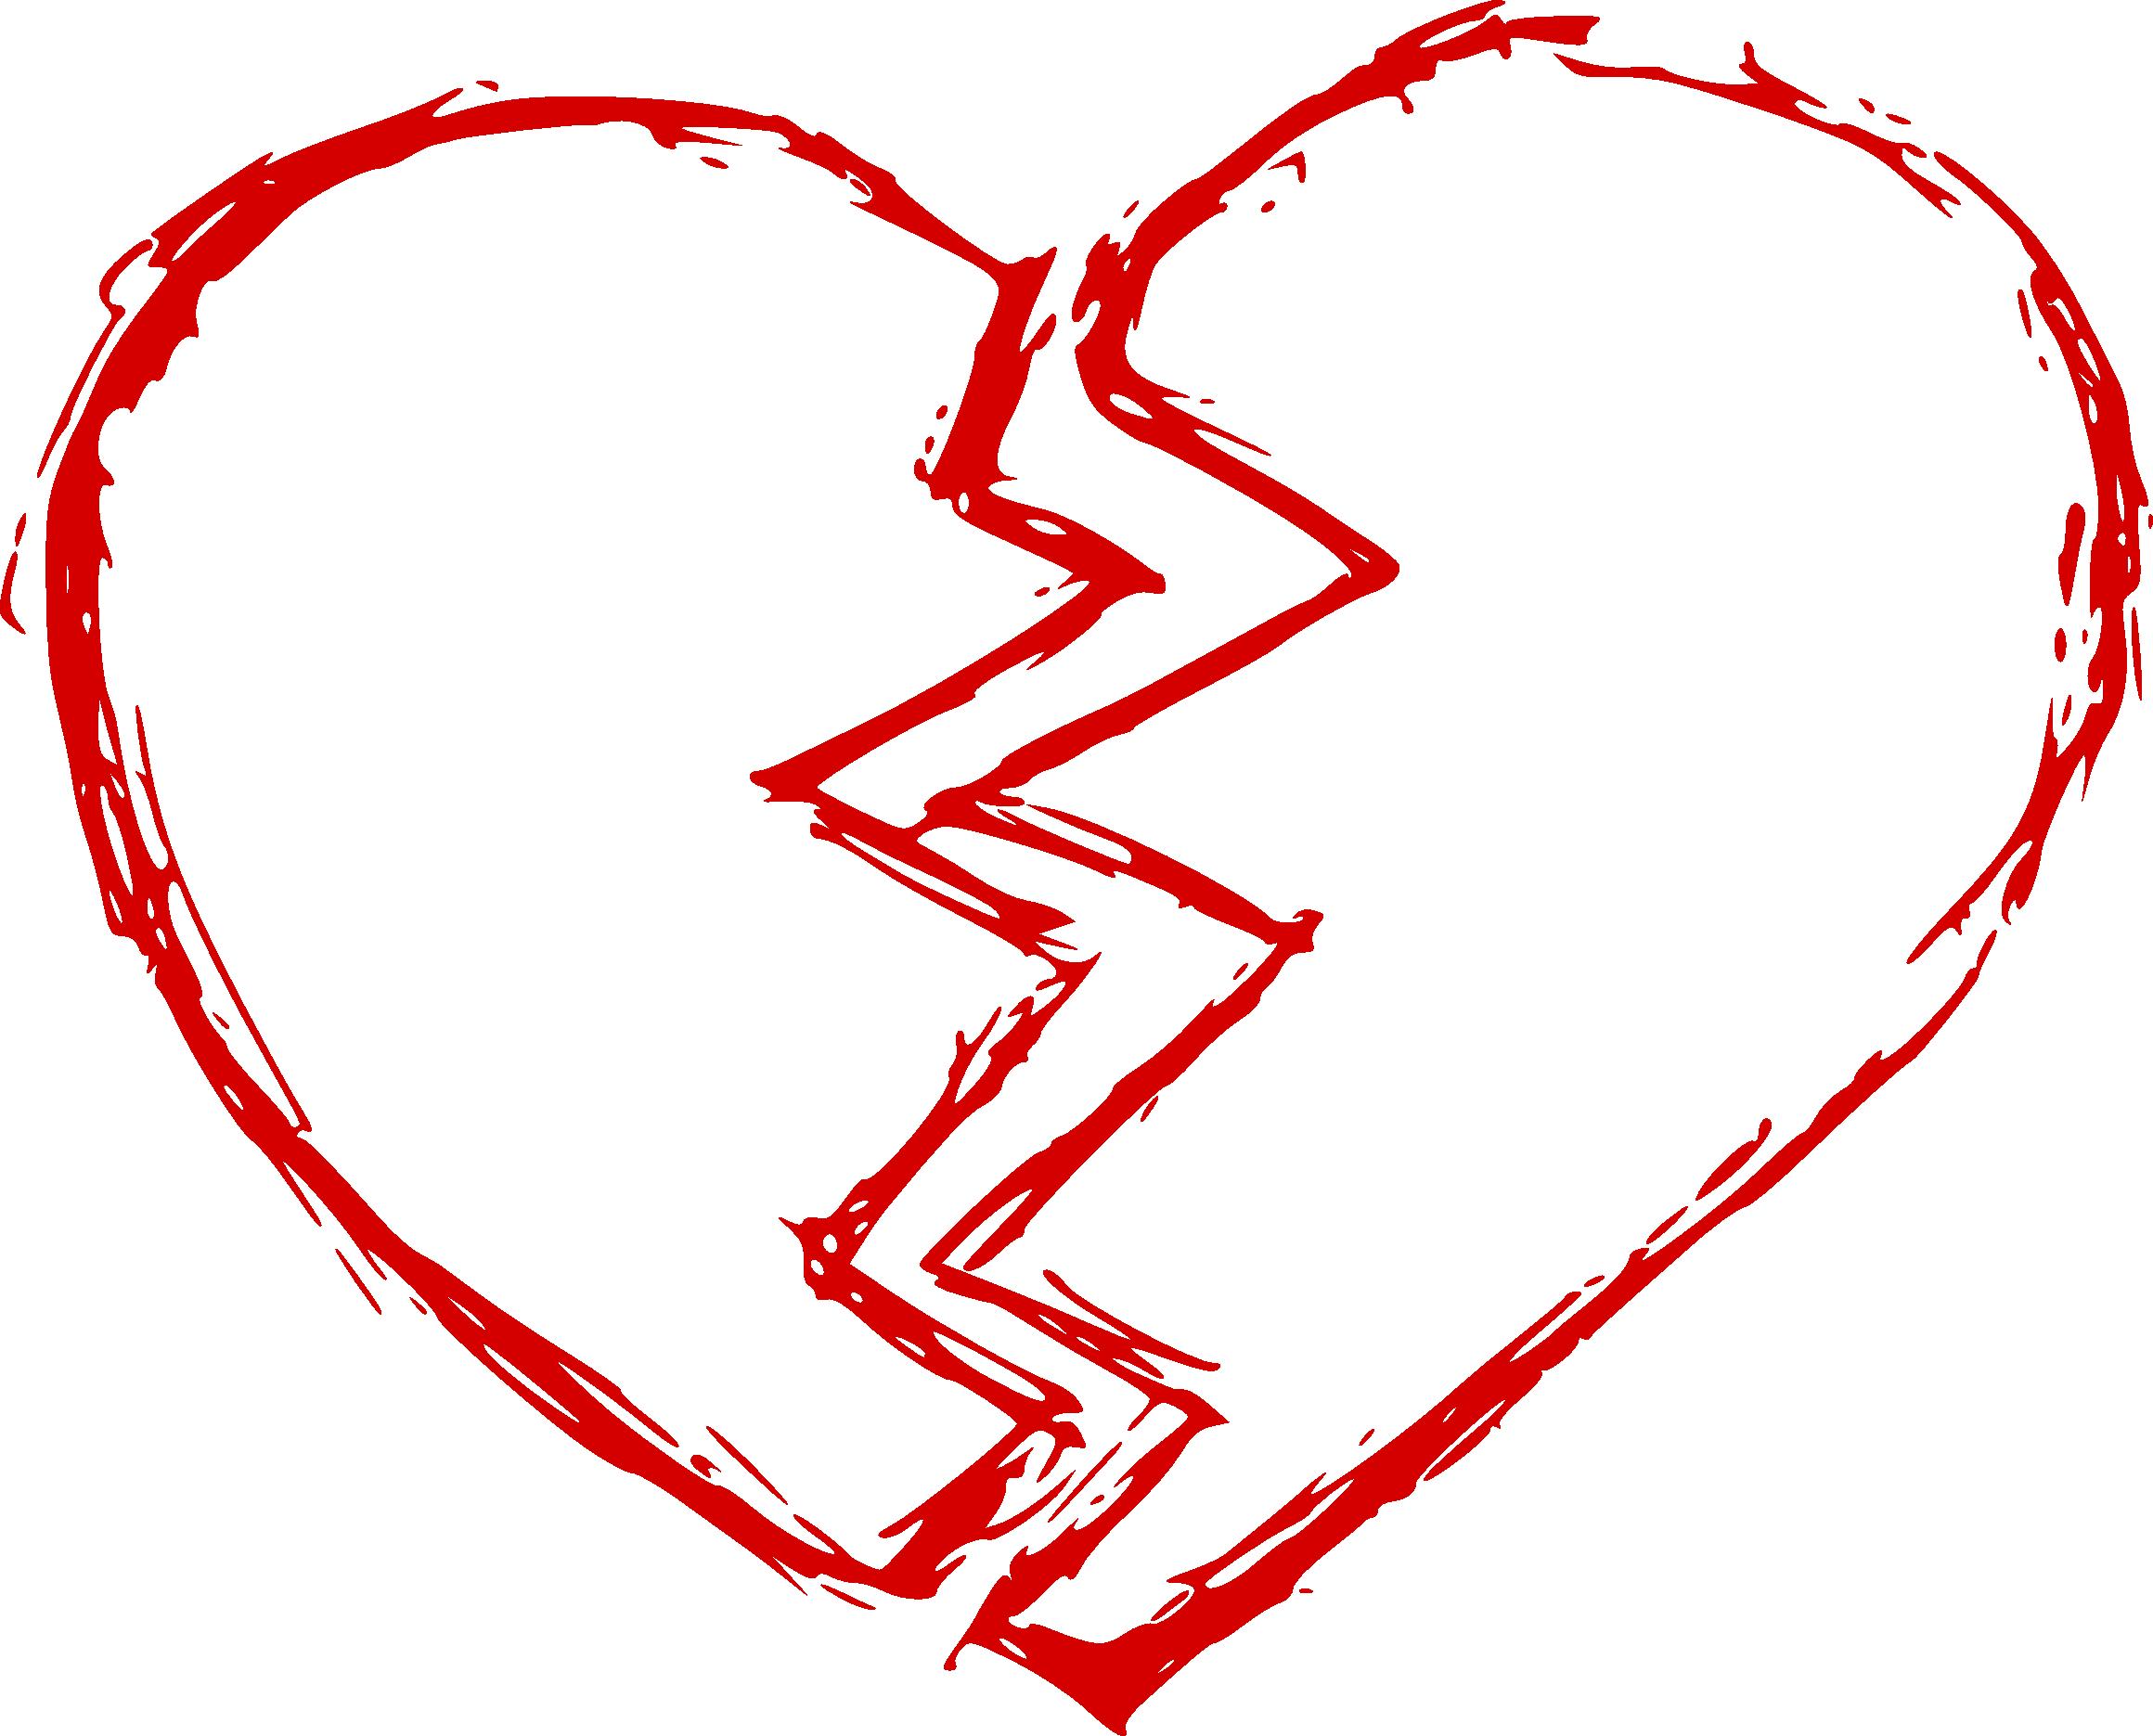 территории картинки как нарисовать разбитое сердце него конечно